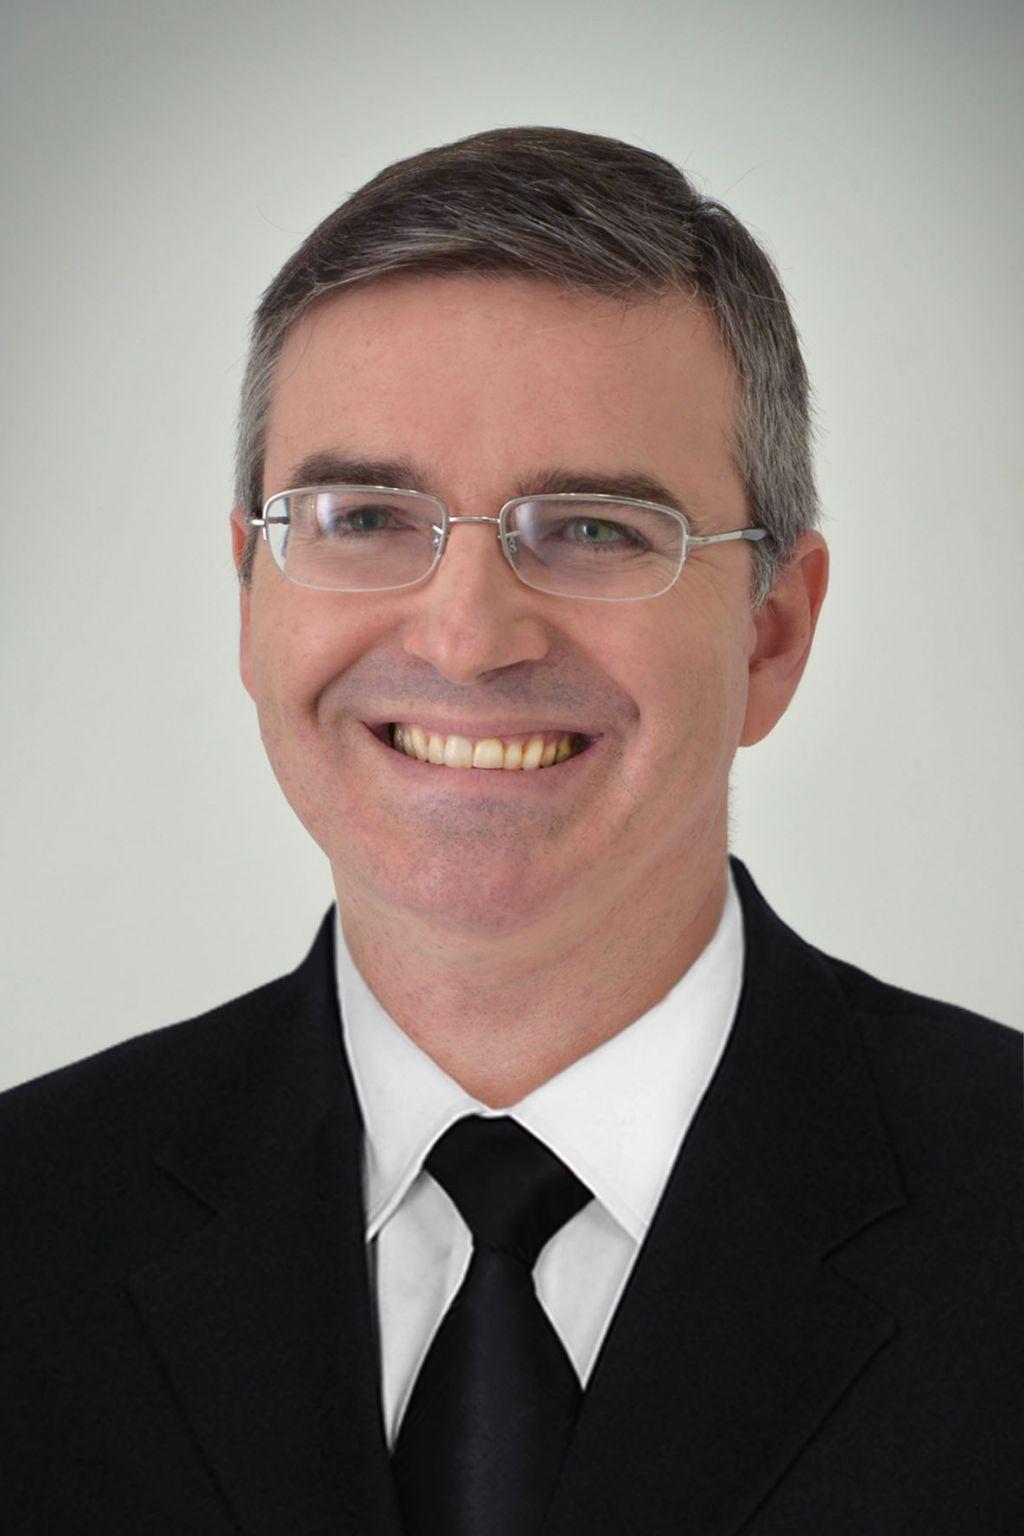 CORPO DOCENTE - Alexandre Capelli